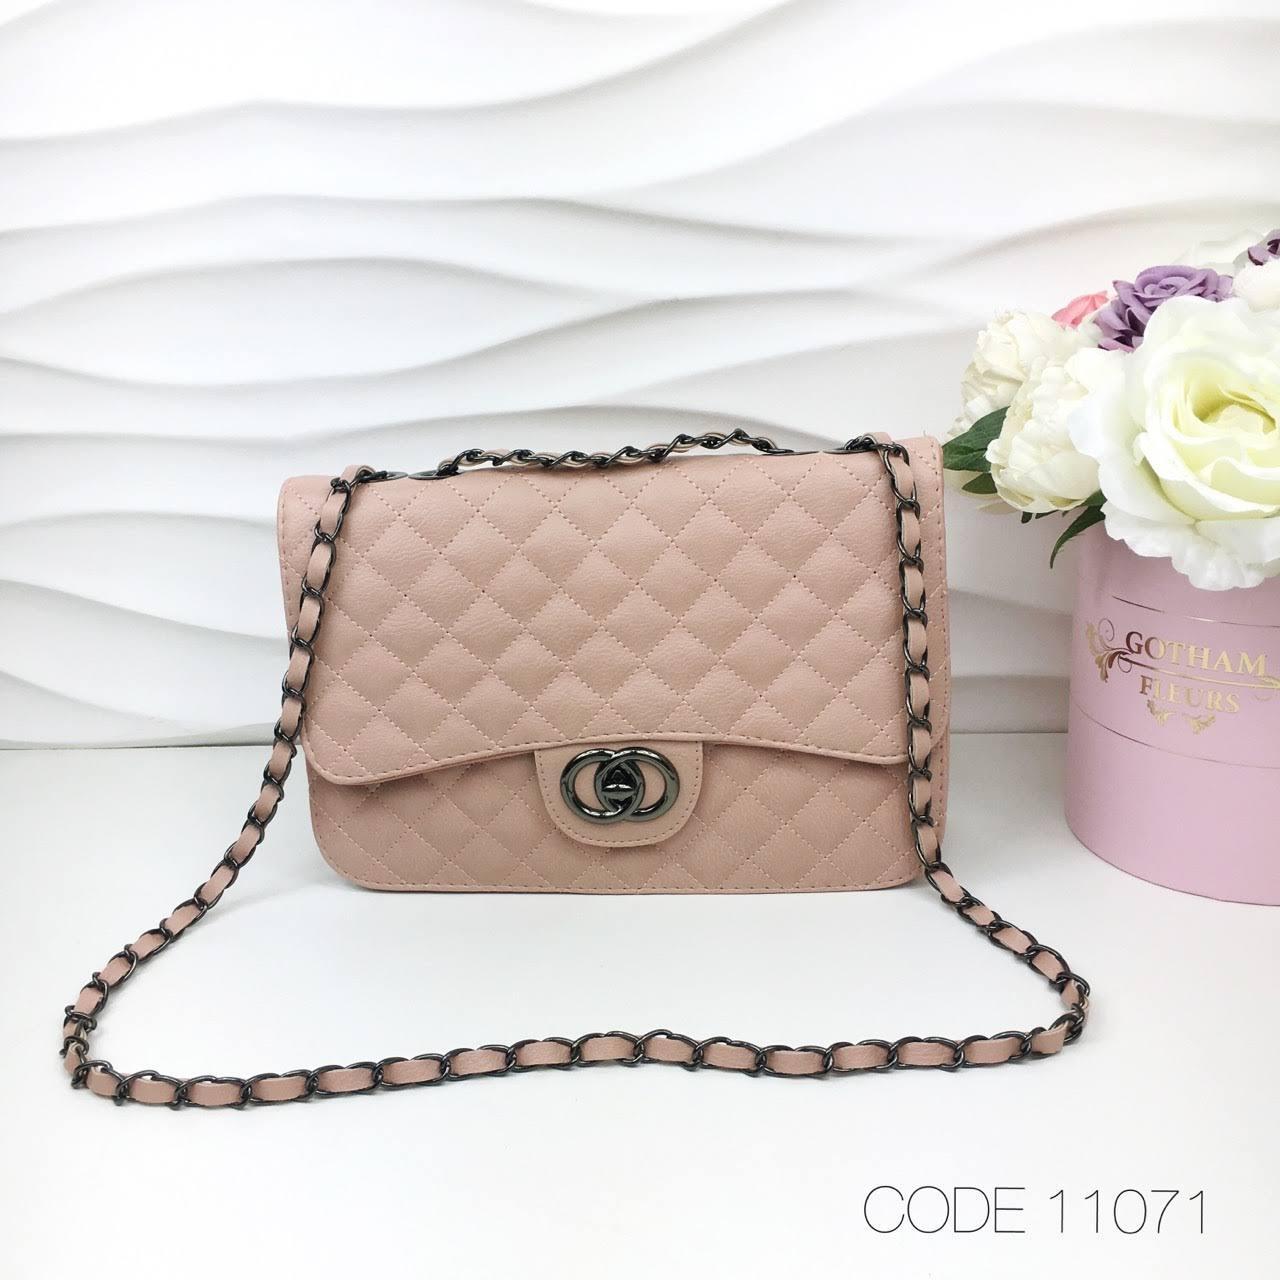 825a018323a4 Маленькая женская сумка через плечо сумочка клатч реплика CHANEL экокожа  пудра 11071, цена 390 грн., купить в Днепре — Prom.ua (ID#901583385)